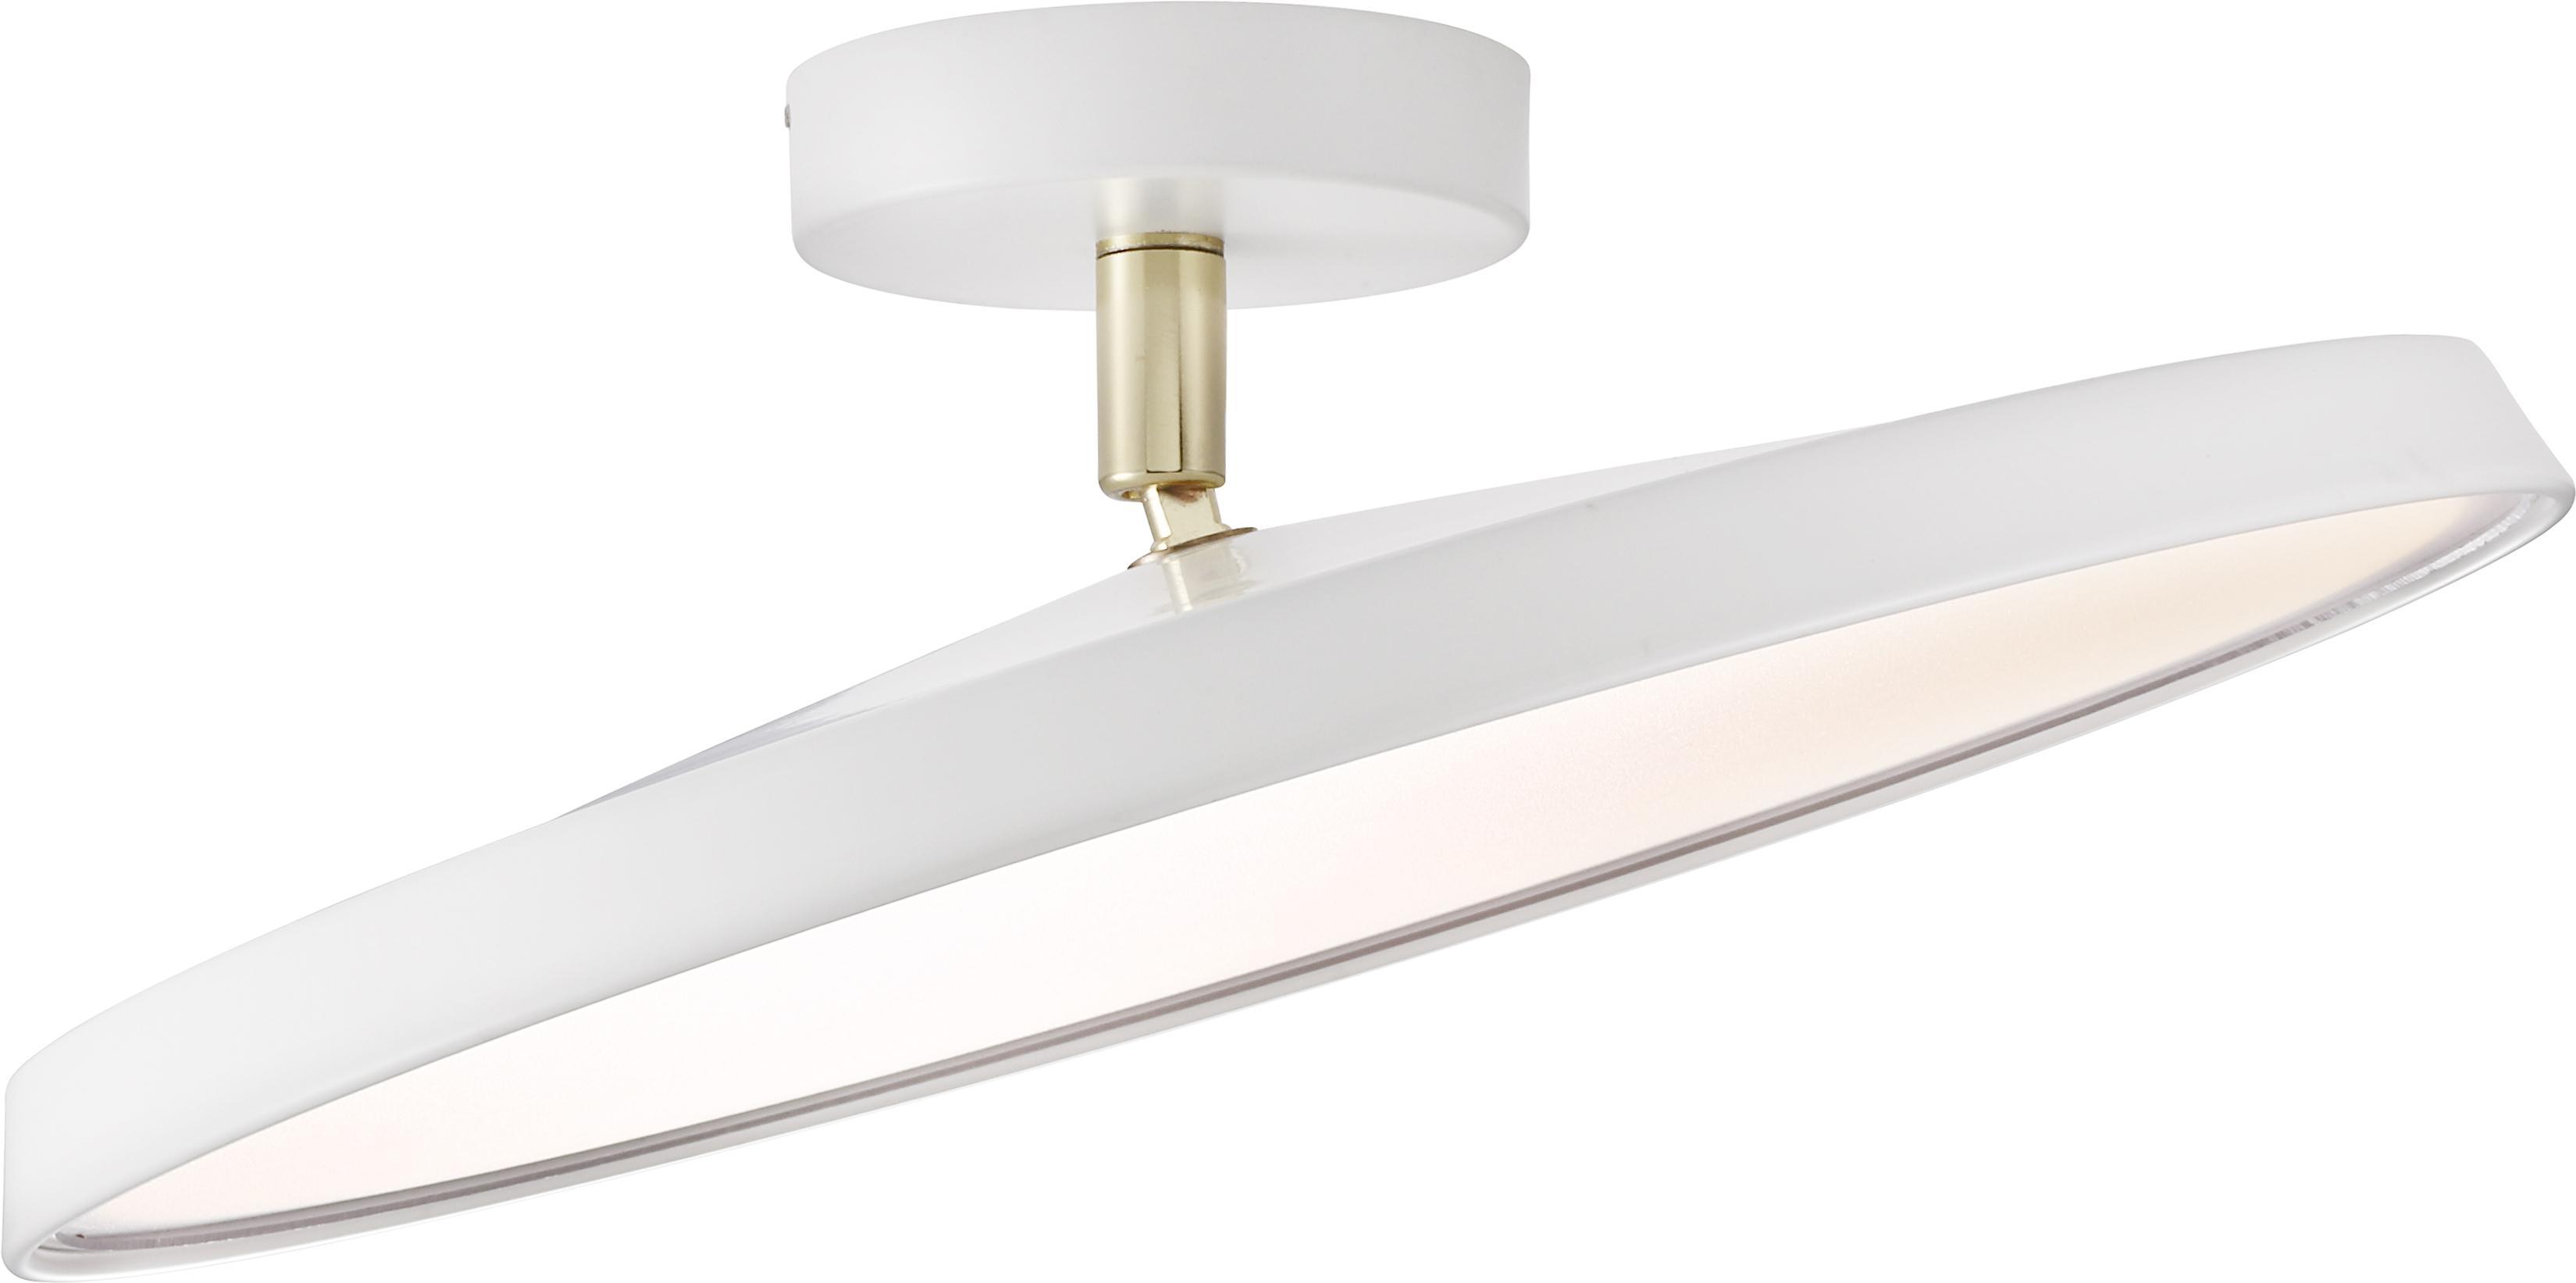 LED Deckenleuchte Alba in Weiß, Lampenschirm: Aluminium, Weiß, Ø 40 x H 12 cm